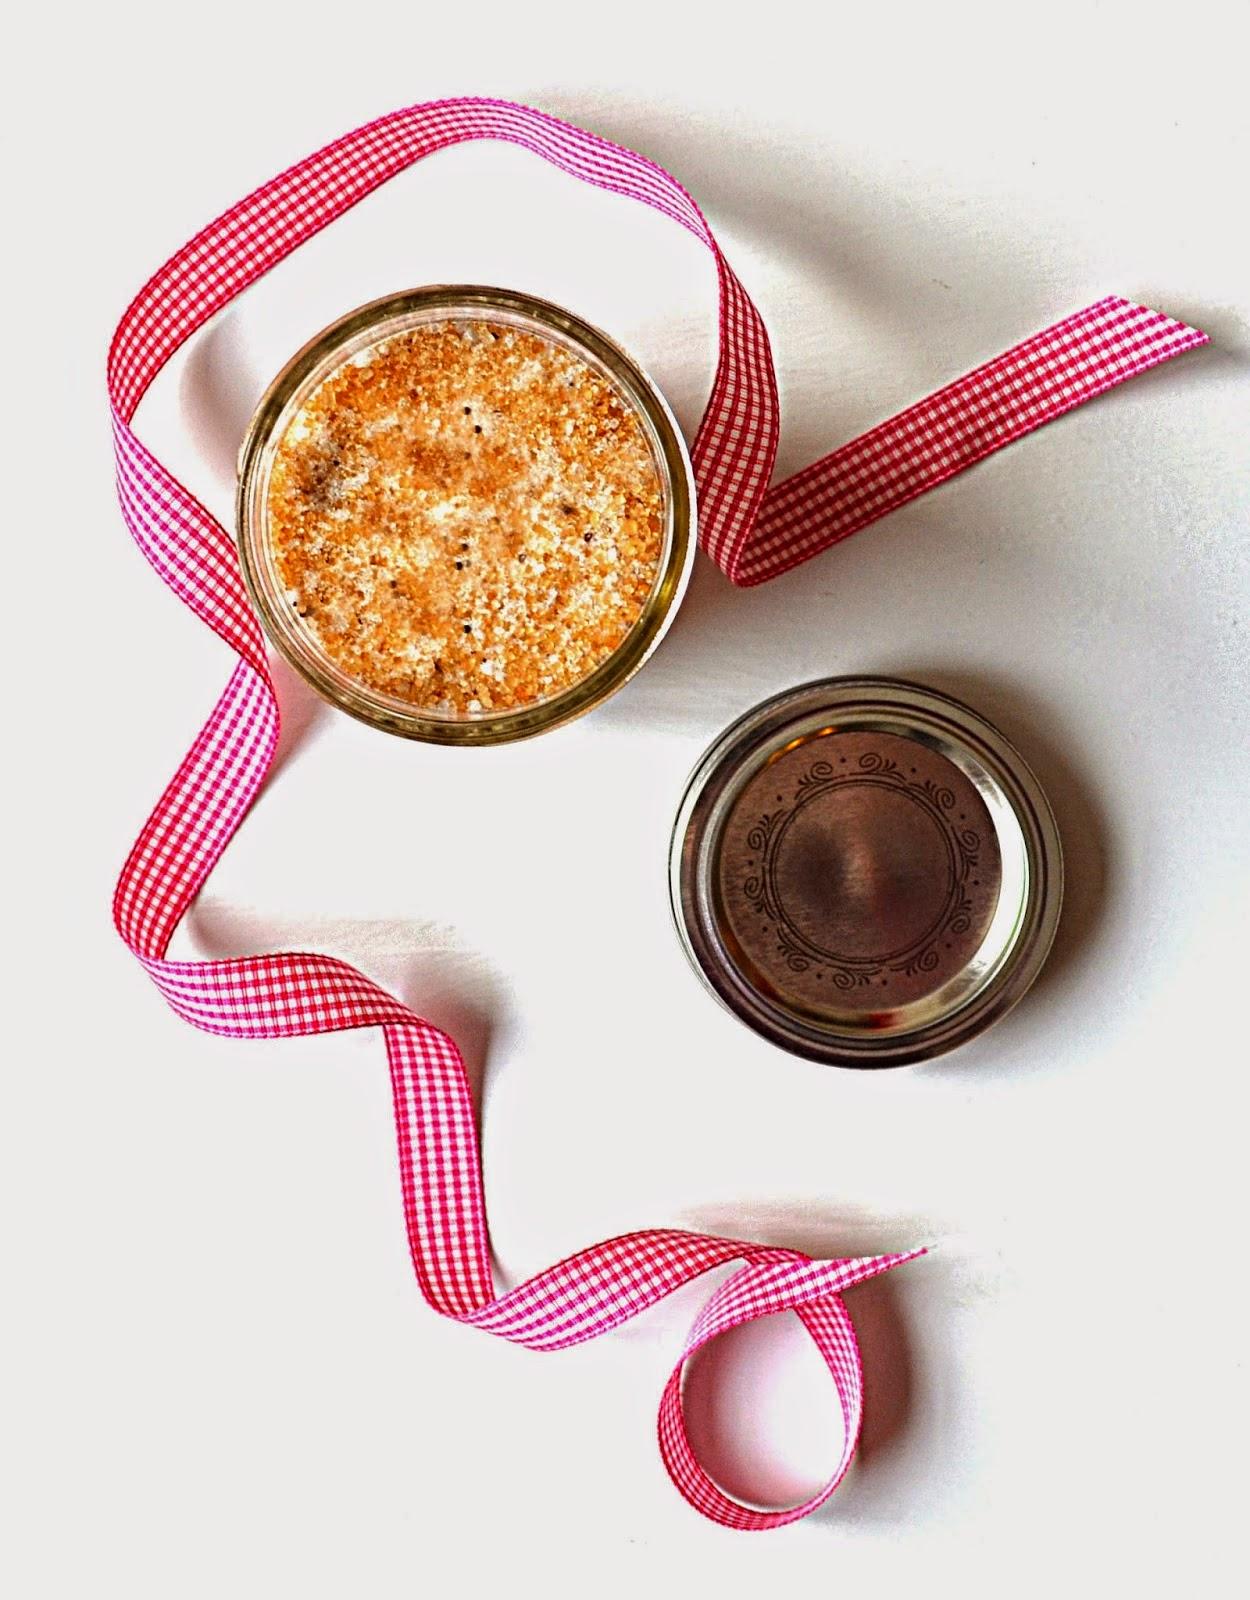 how to make rosemary tea from fresh rosemary